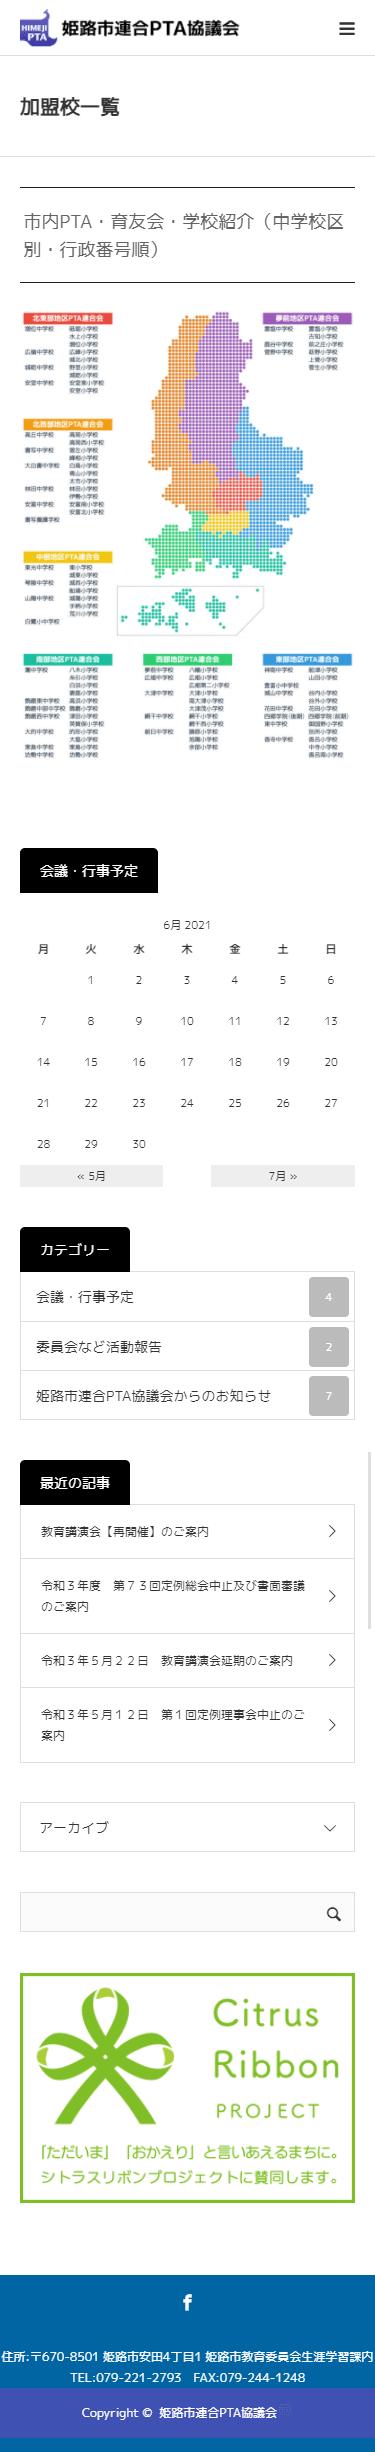 姫路市 姫路市連合PTA協議会 ホームページ制作4